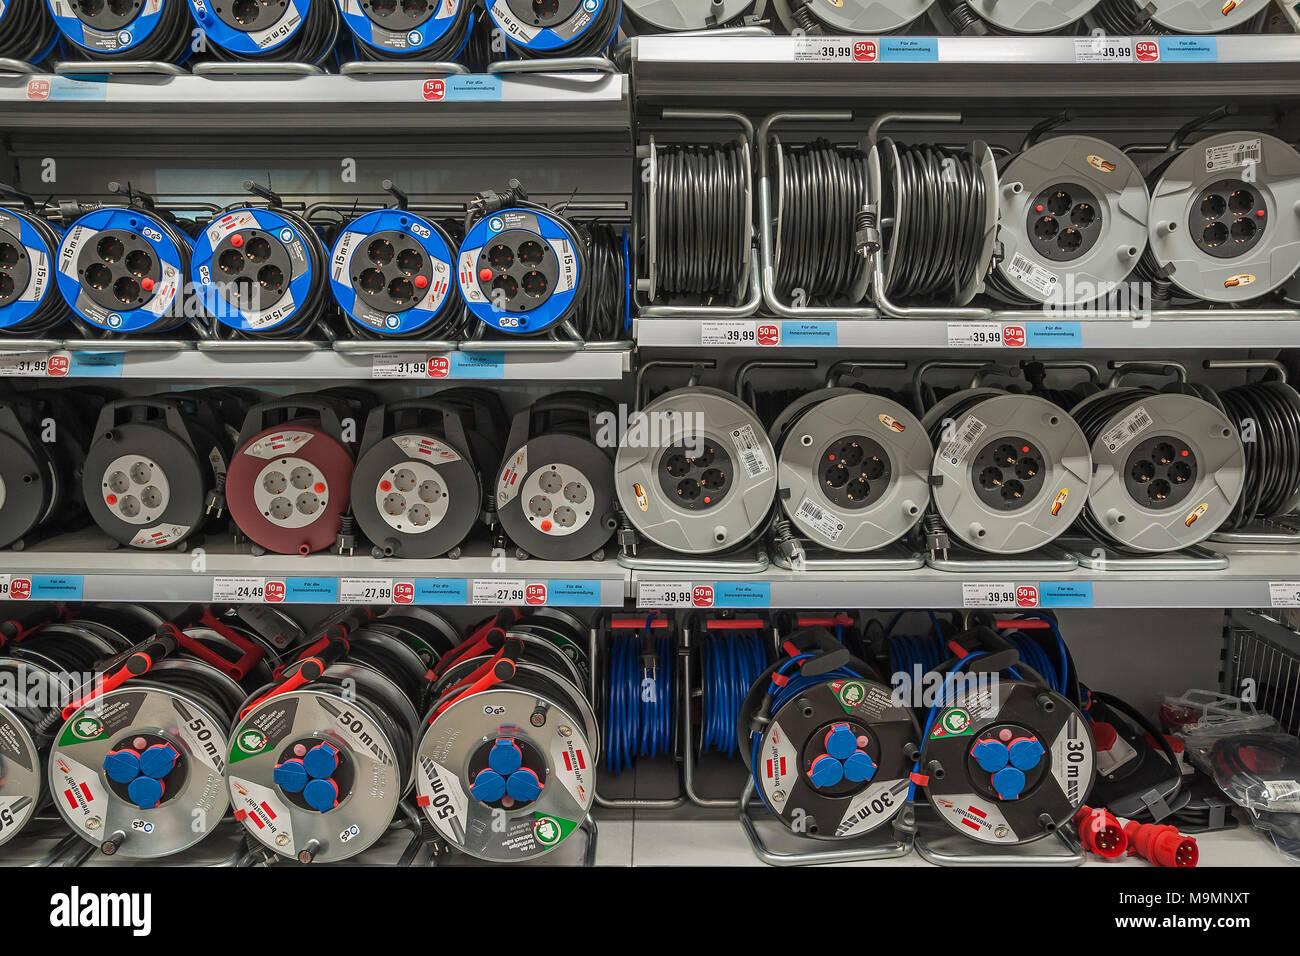 Elektrische Ausrüstung, Regal mit Kabeltrommeln, Hardware Store, Interieur, Bayern, Deutschland Stockbild